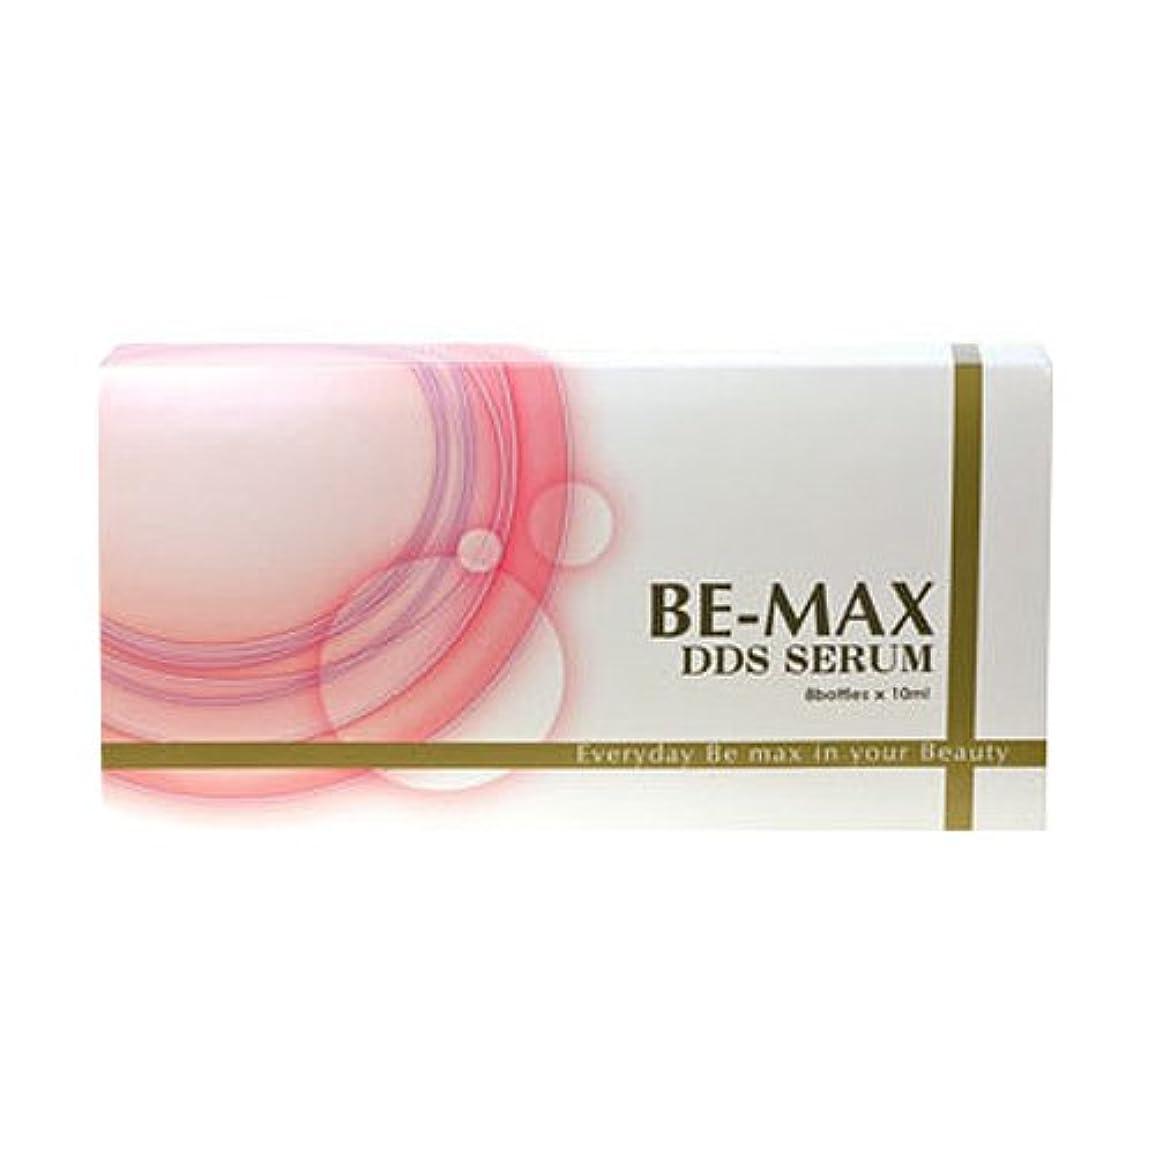 注入法律により植物のビーマックス DDSセラム (10ml×8本) 美容液 BE-MAX DDS SERUM